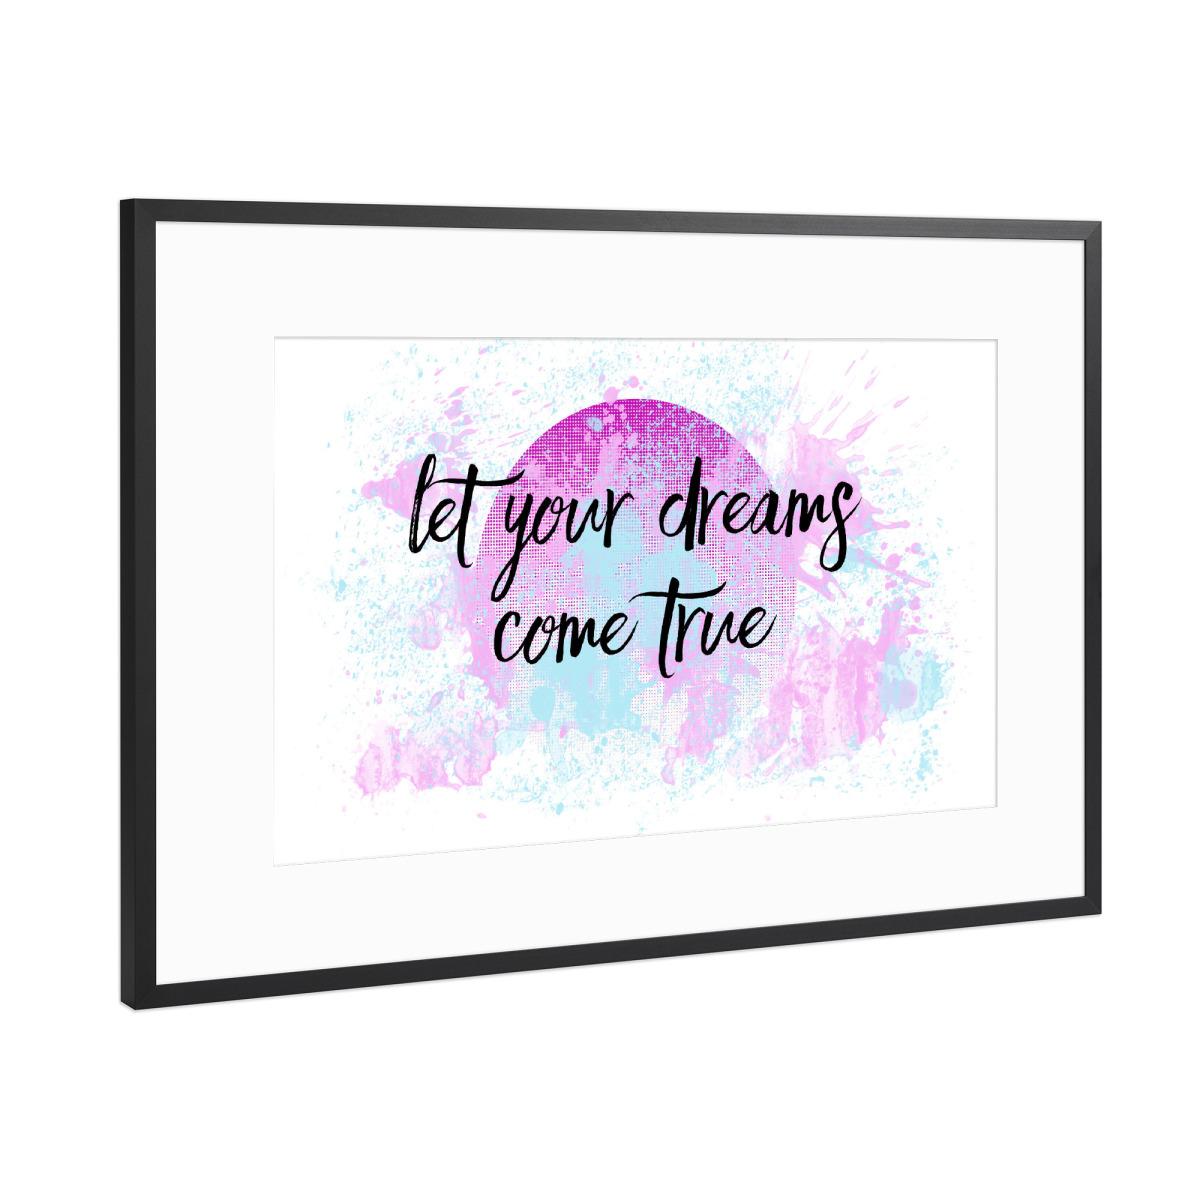 Text Art LET YOUR DREAMS COME TRUE No2 als Gerahmt bei artboxONE kaufen